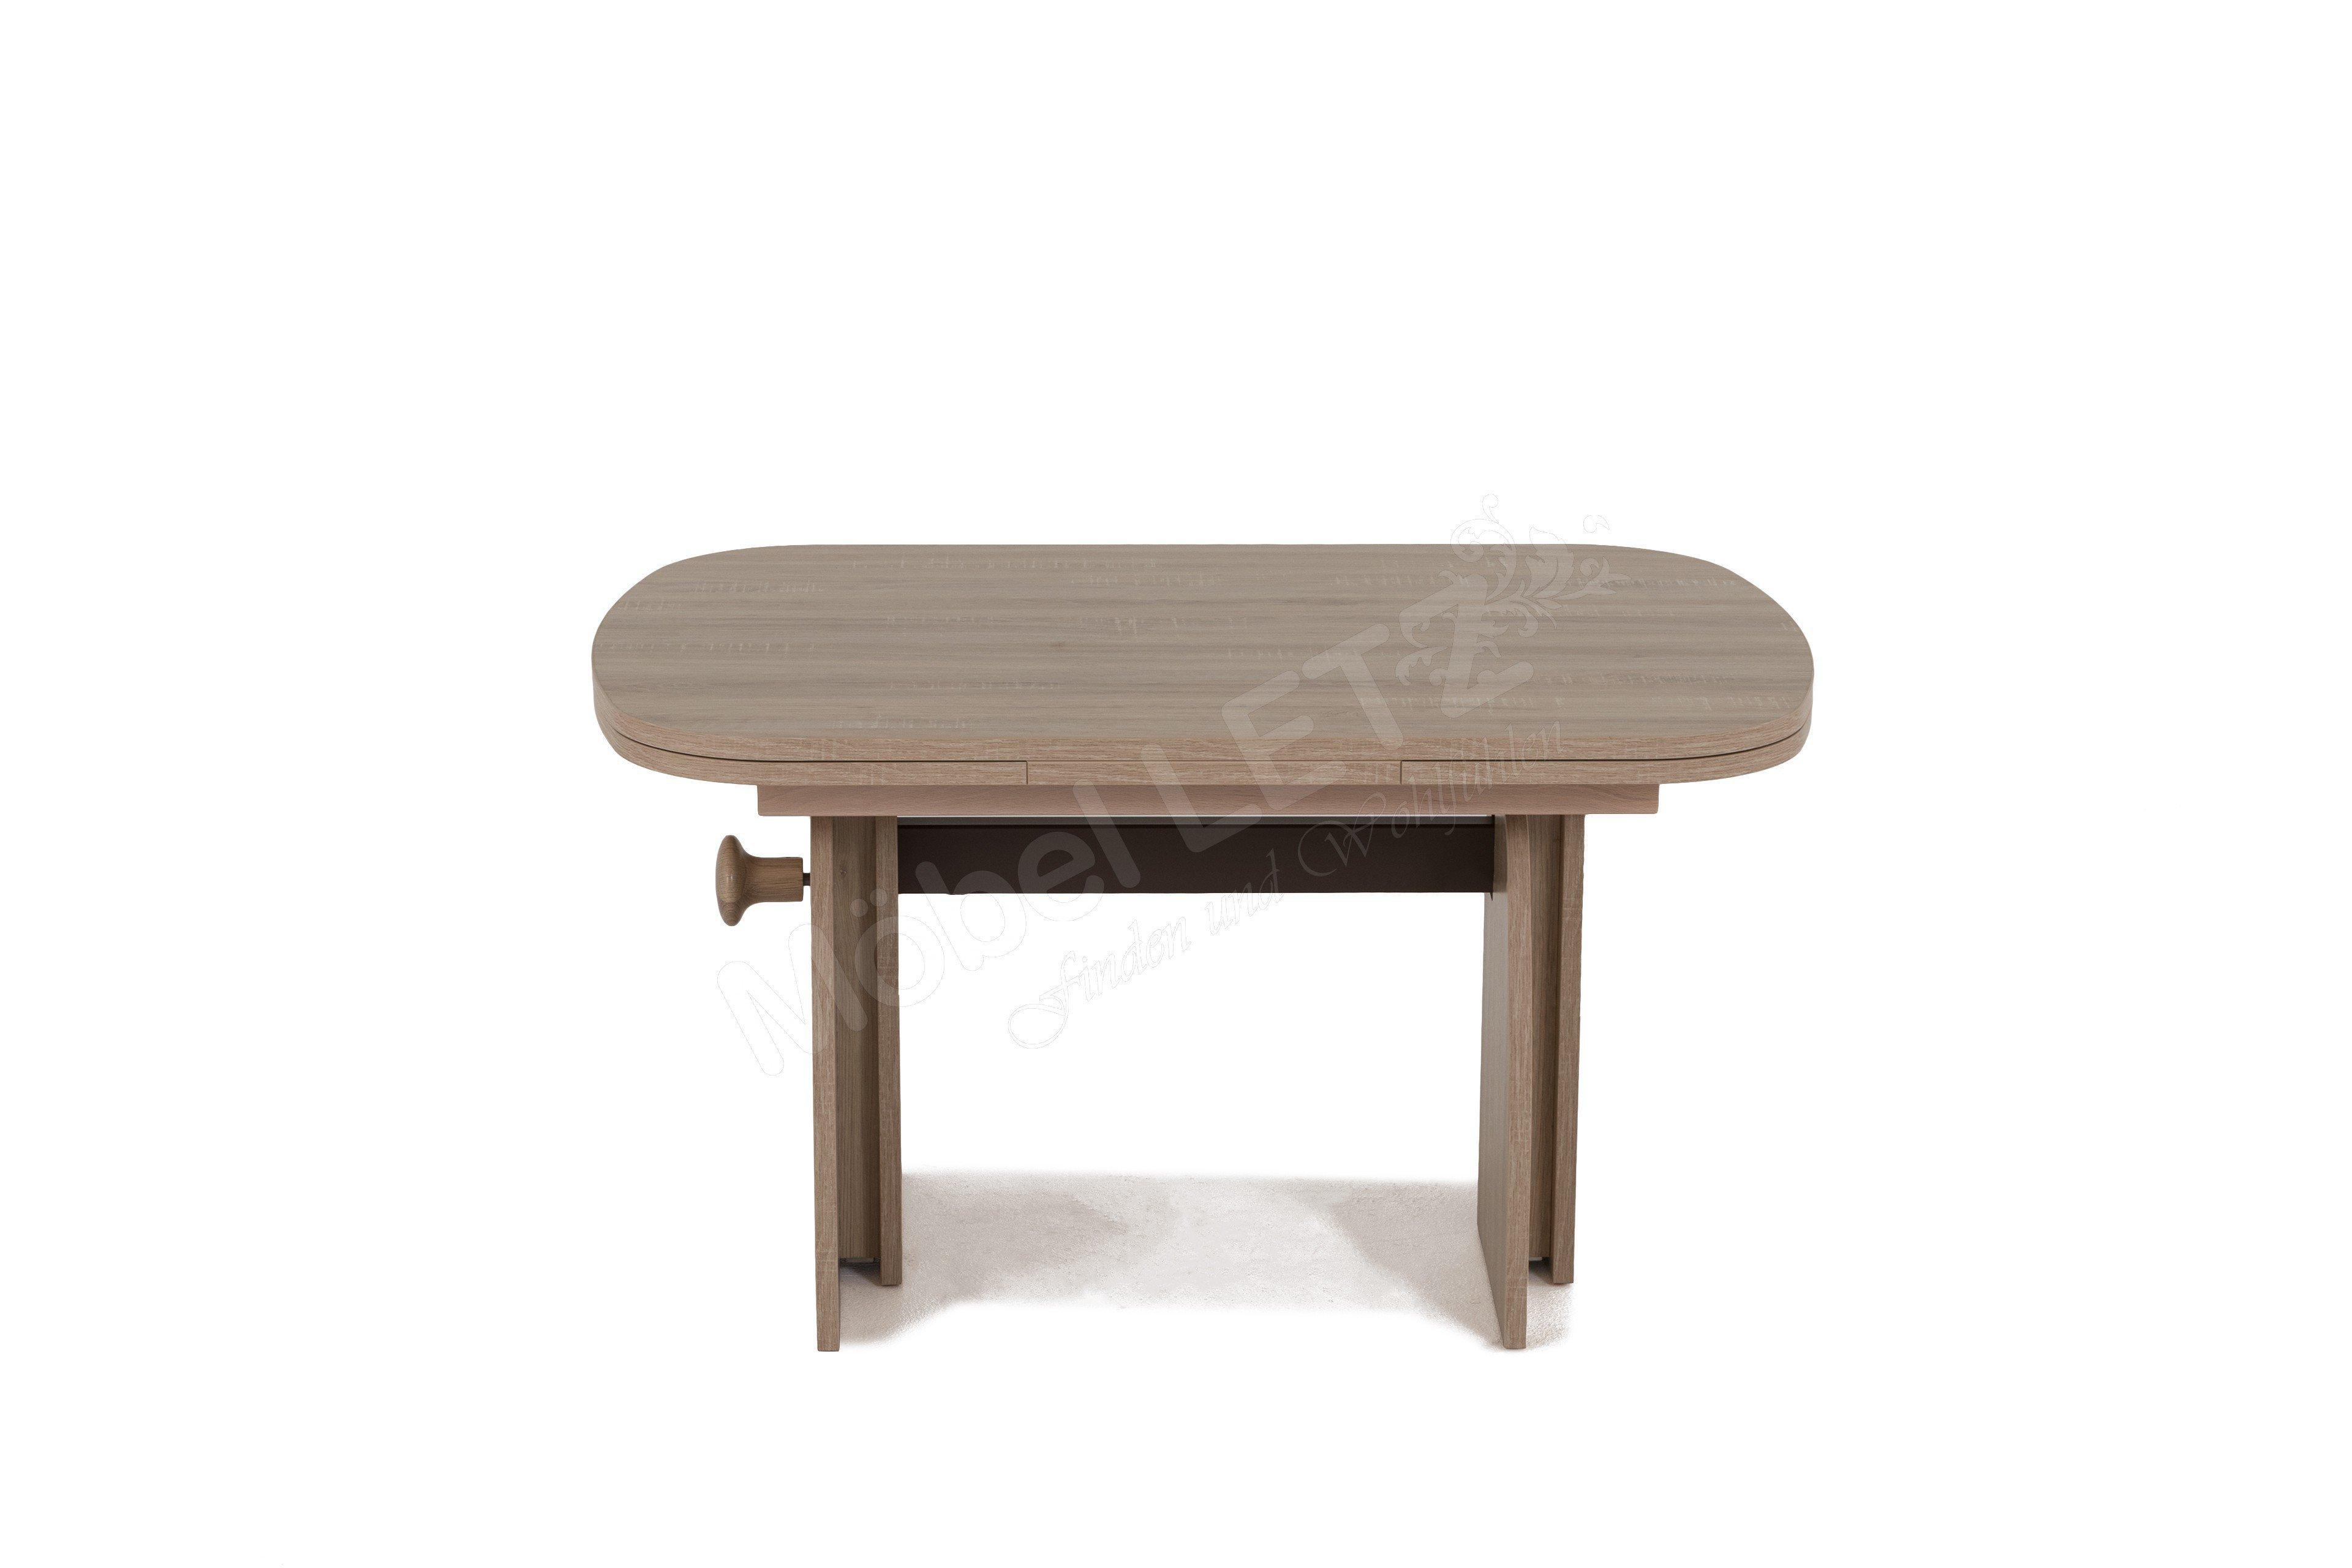 hasse couchtisch 1023h eiche sonoma lift m bel letz ihr online shop. Black Bedroom Furniture Sets. Home Design Ideas